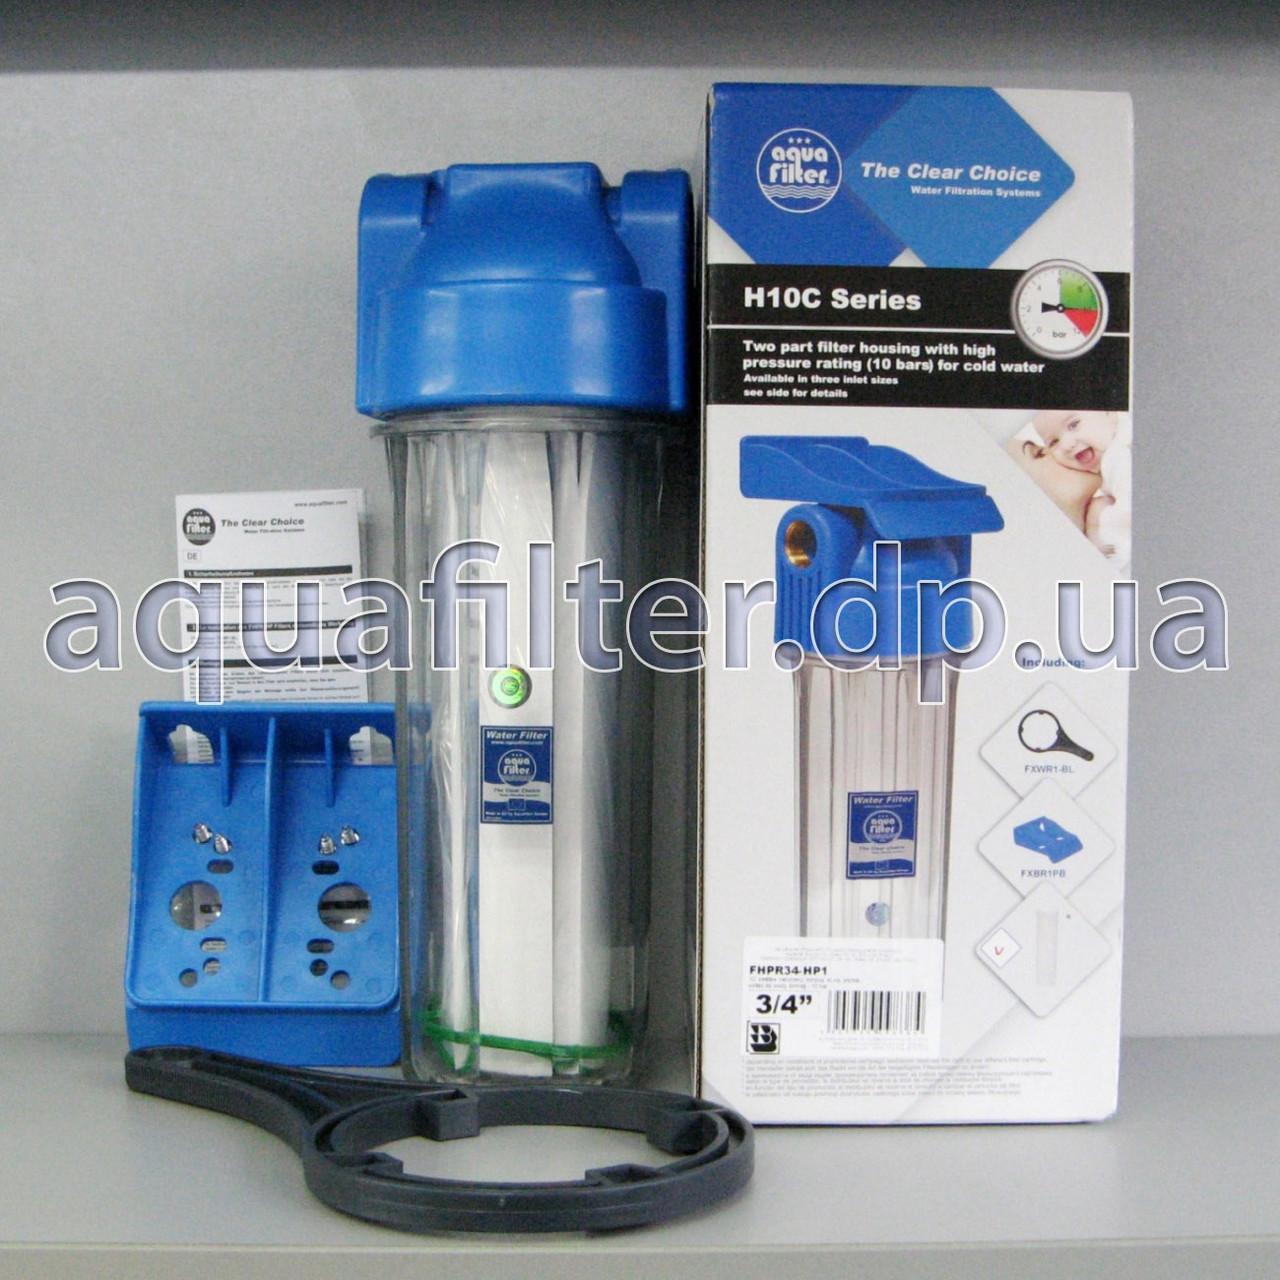 Фильтр грубой очистки воды Aquafilter FHPR34-HP1 3/4, фото 1